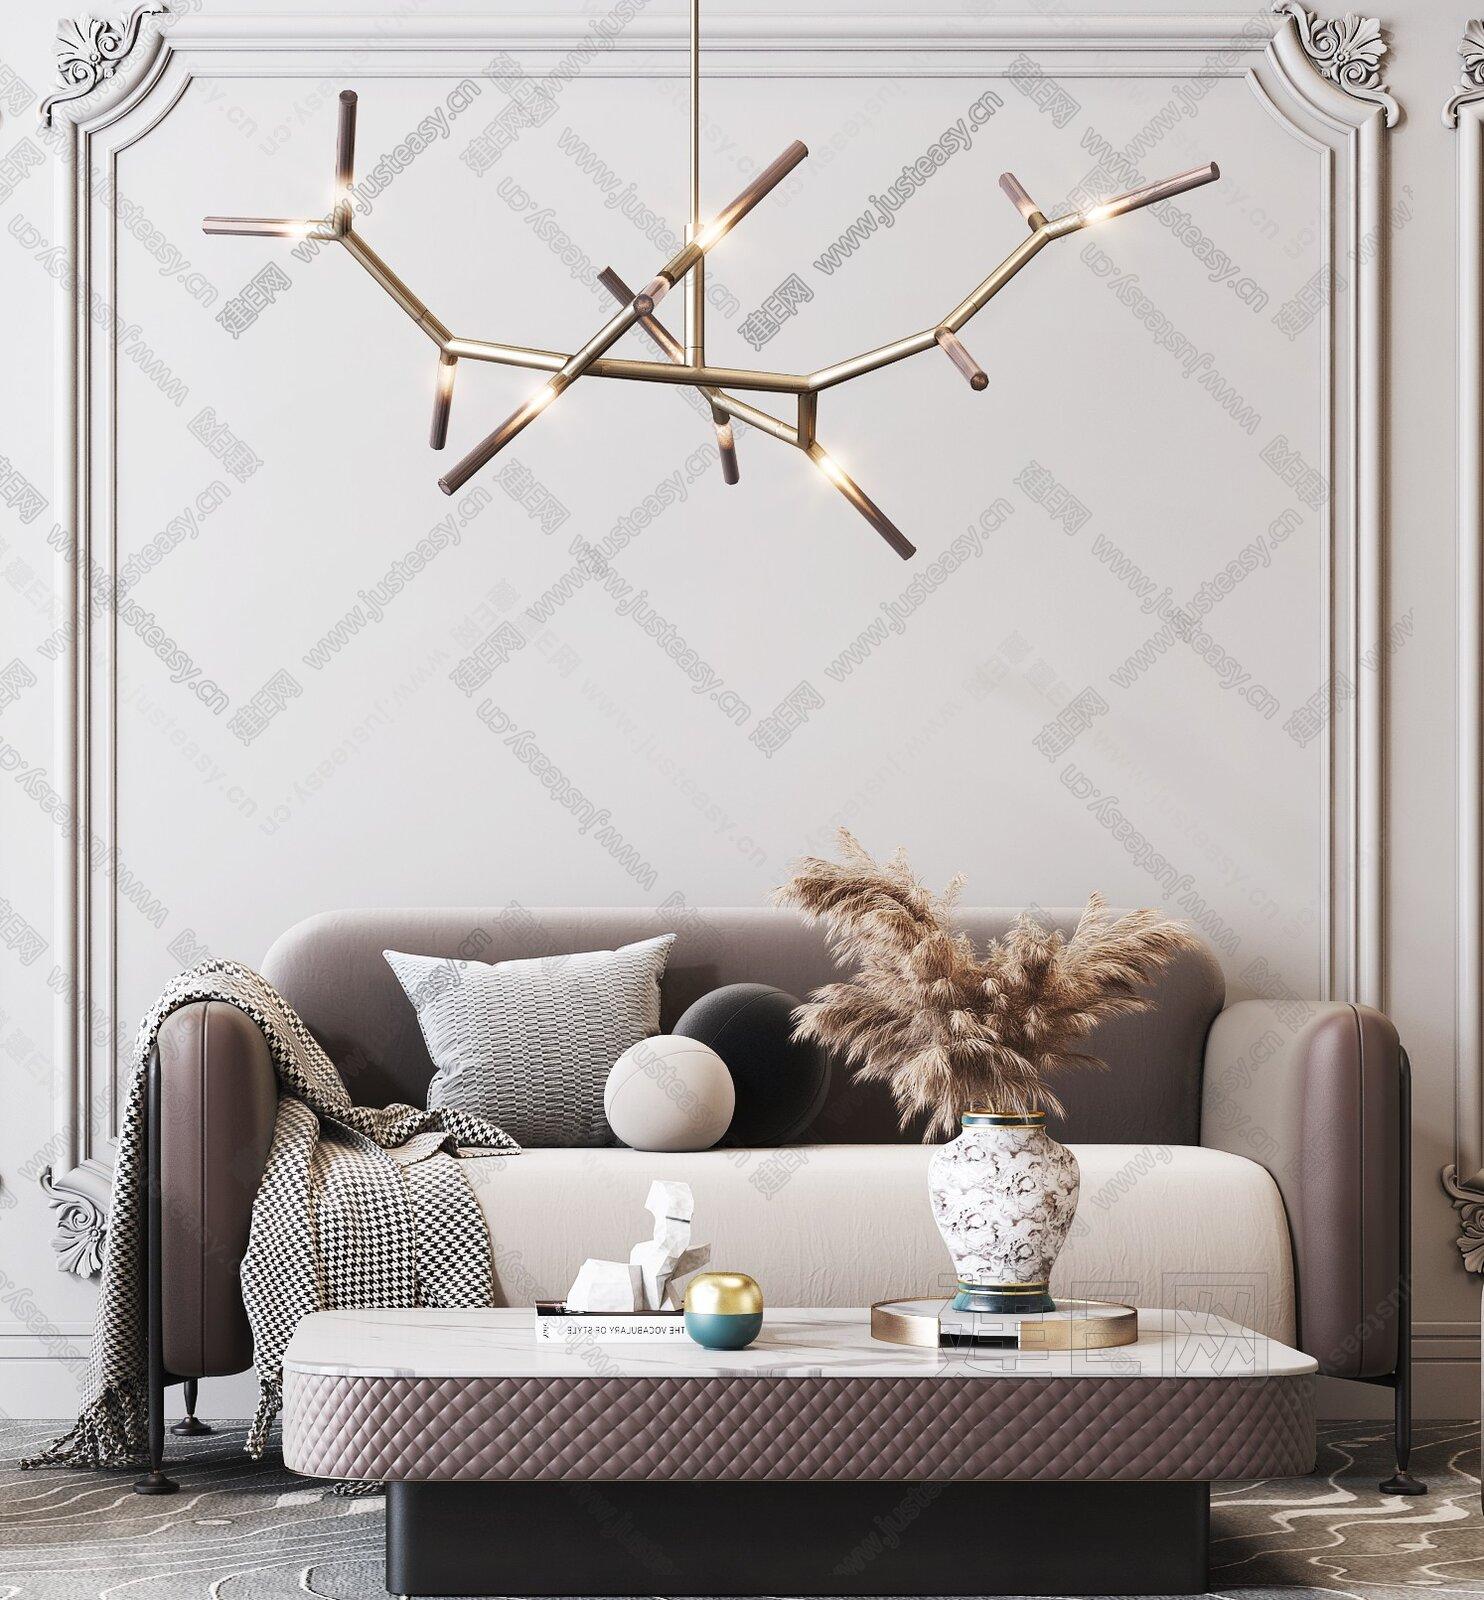 现代新奢华双人沙发茶几组合3d模型